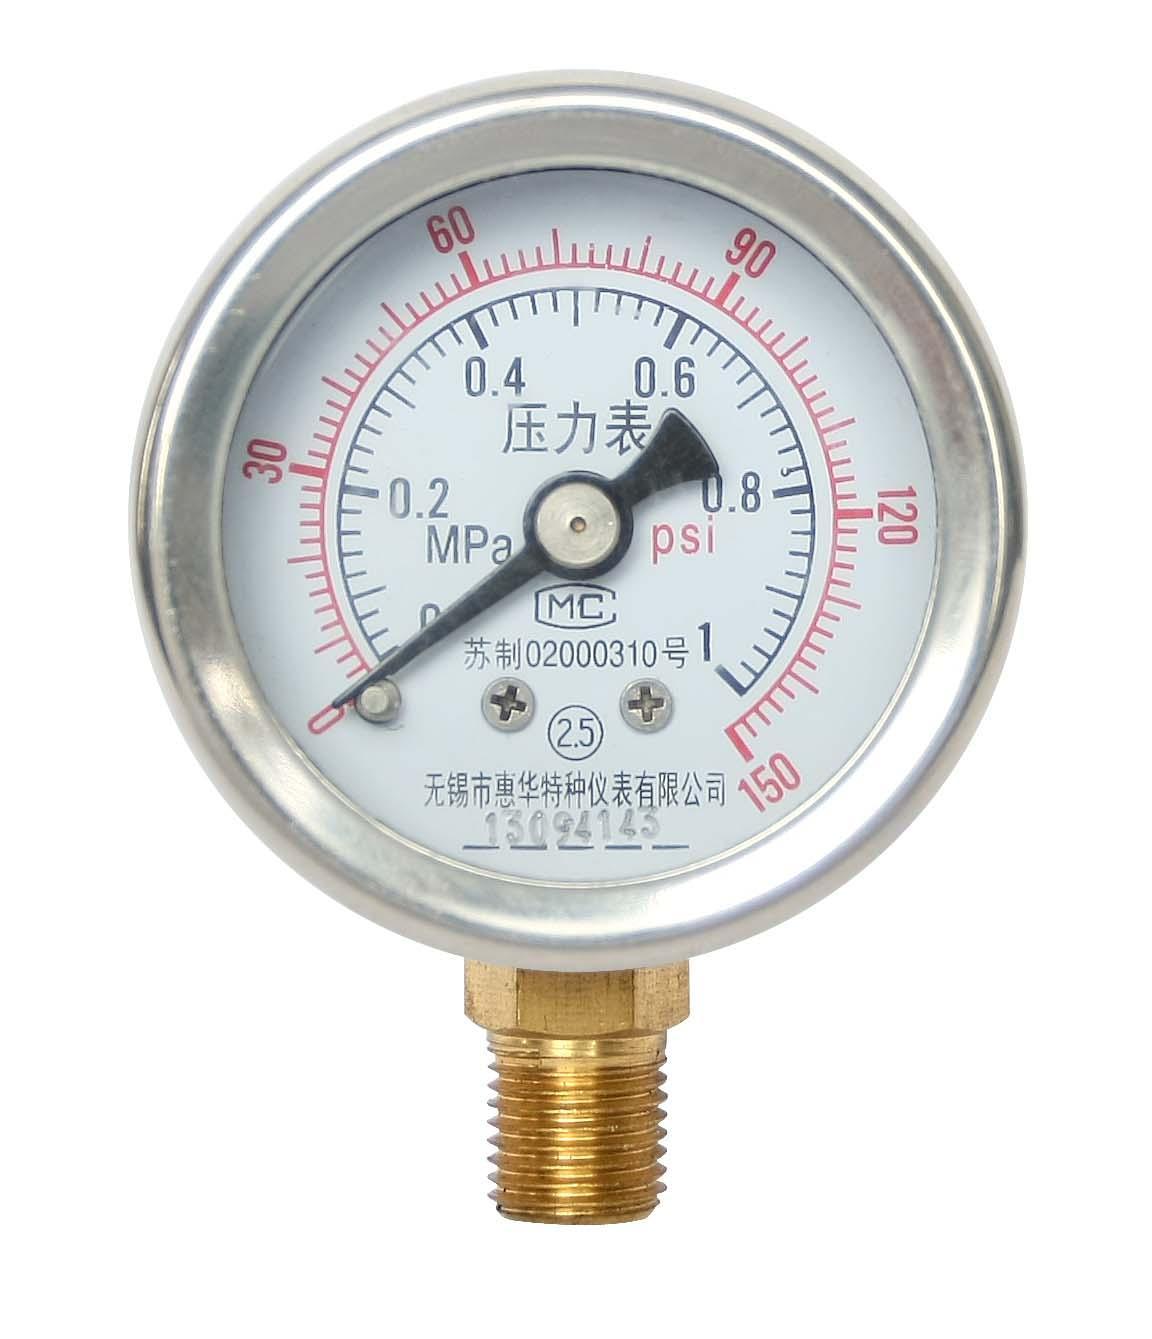 壓力表 一般壓力表 真空壓力表 彈簧管壓力表 9